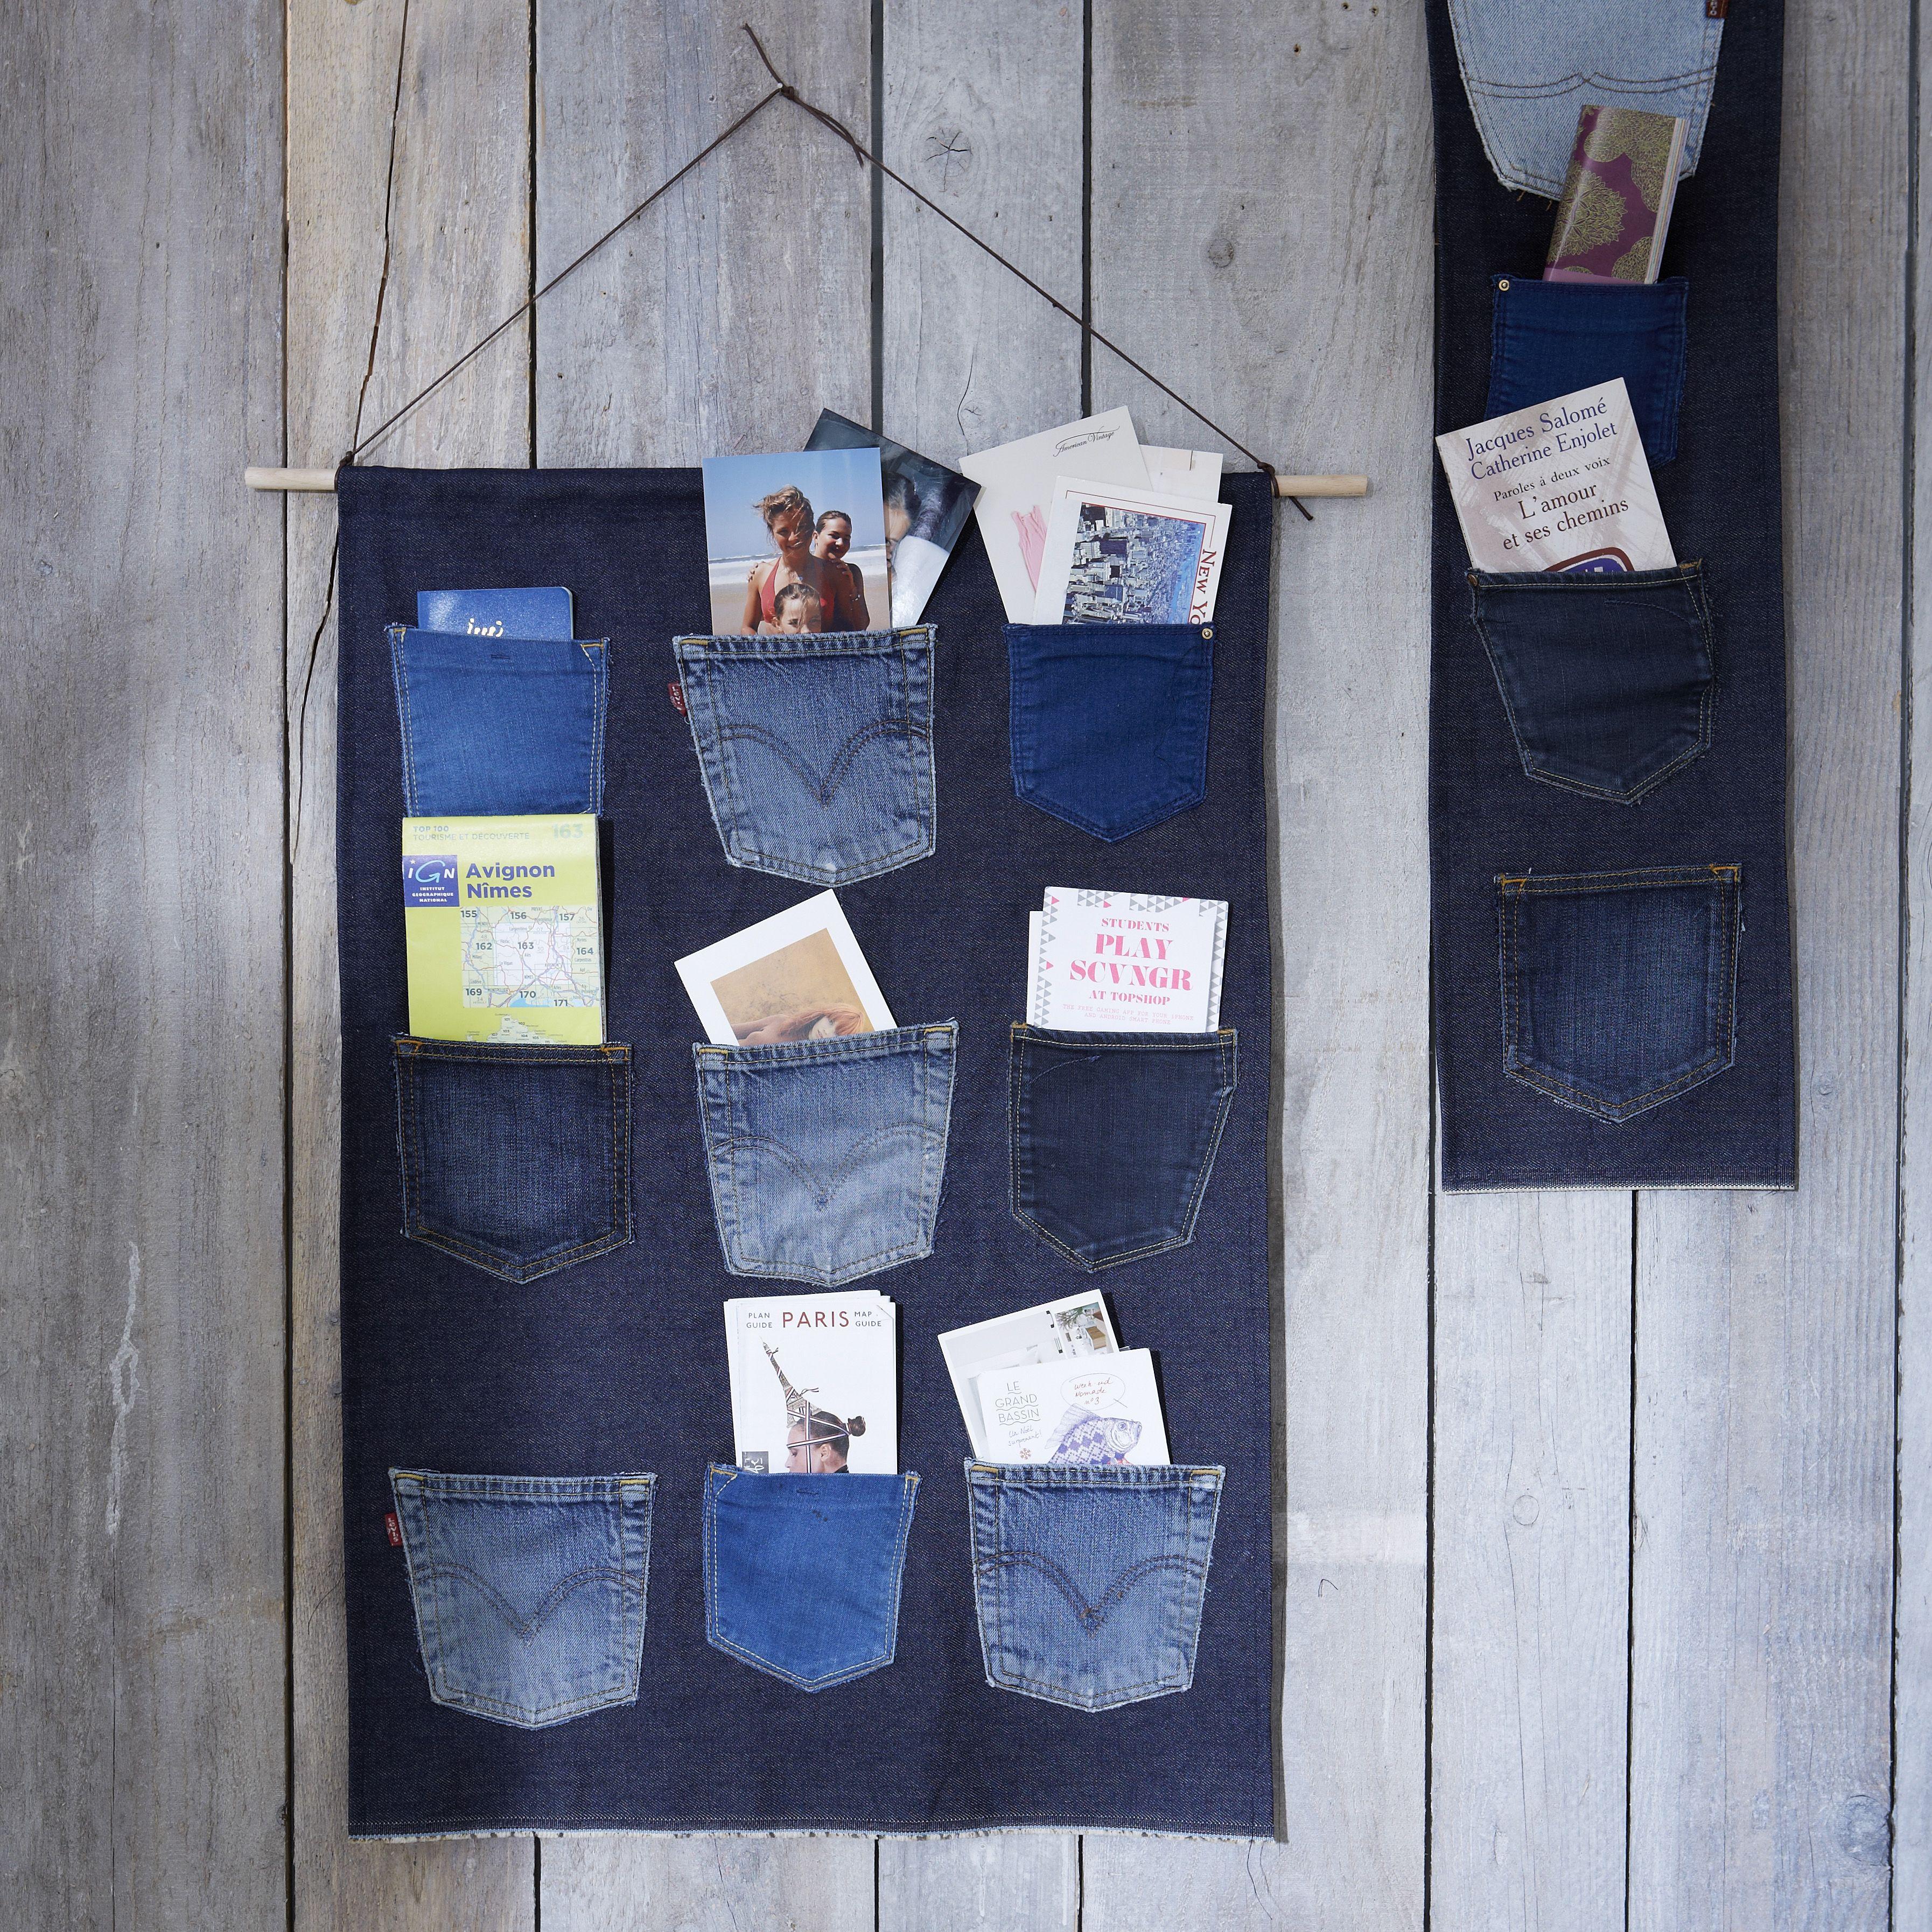 vide poche en jeans id es d co z dio zodio tendance blue vacances id es d coration. Black Bedroom Furniture Sets. Home Design Ideas